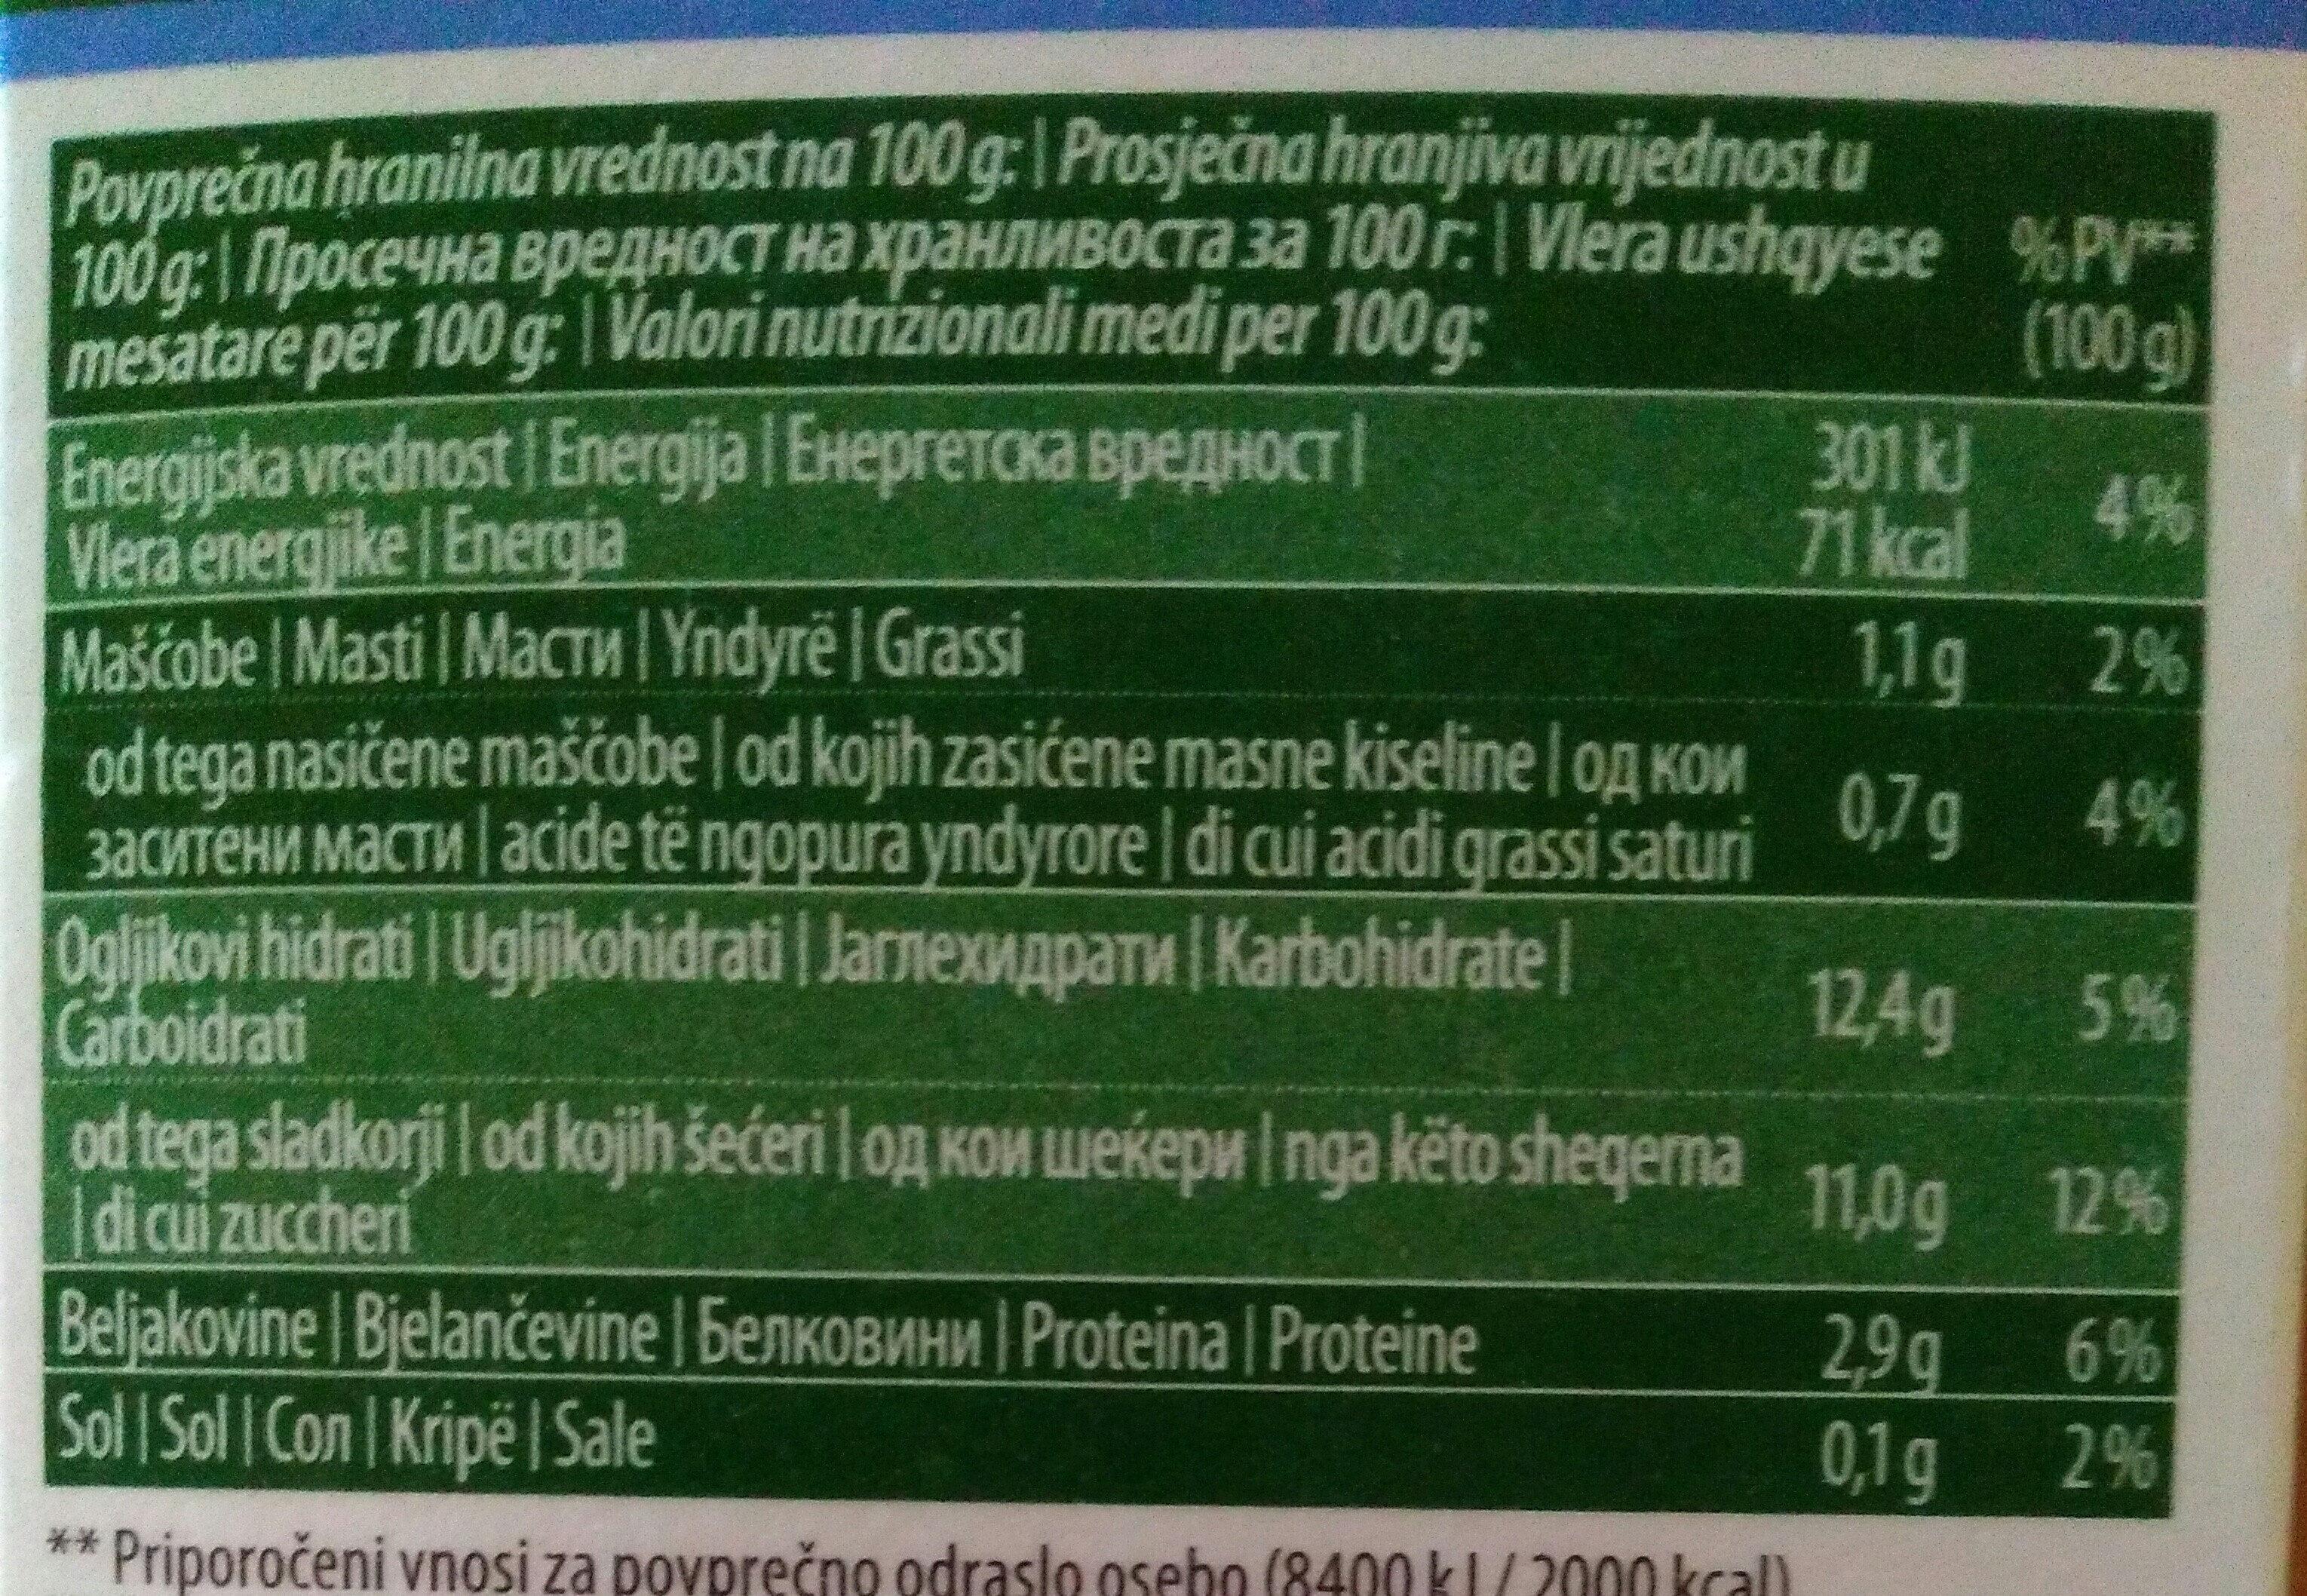 Jogurt jagoda - Nutrition facts